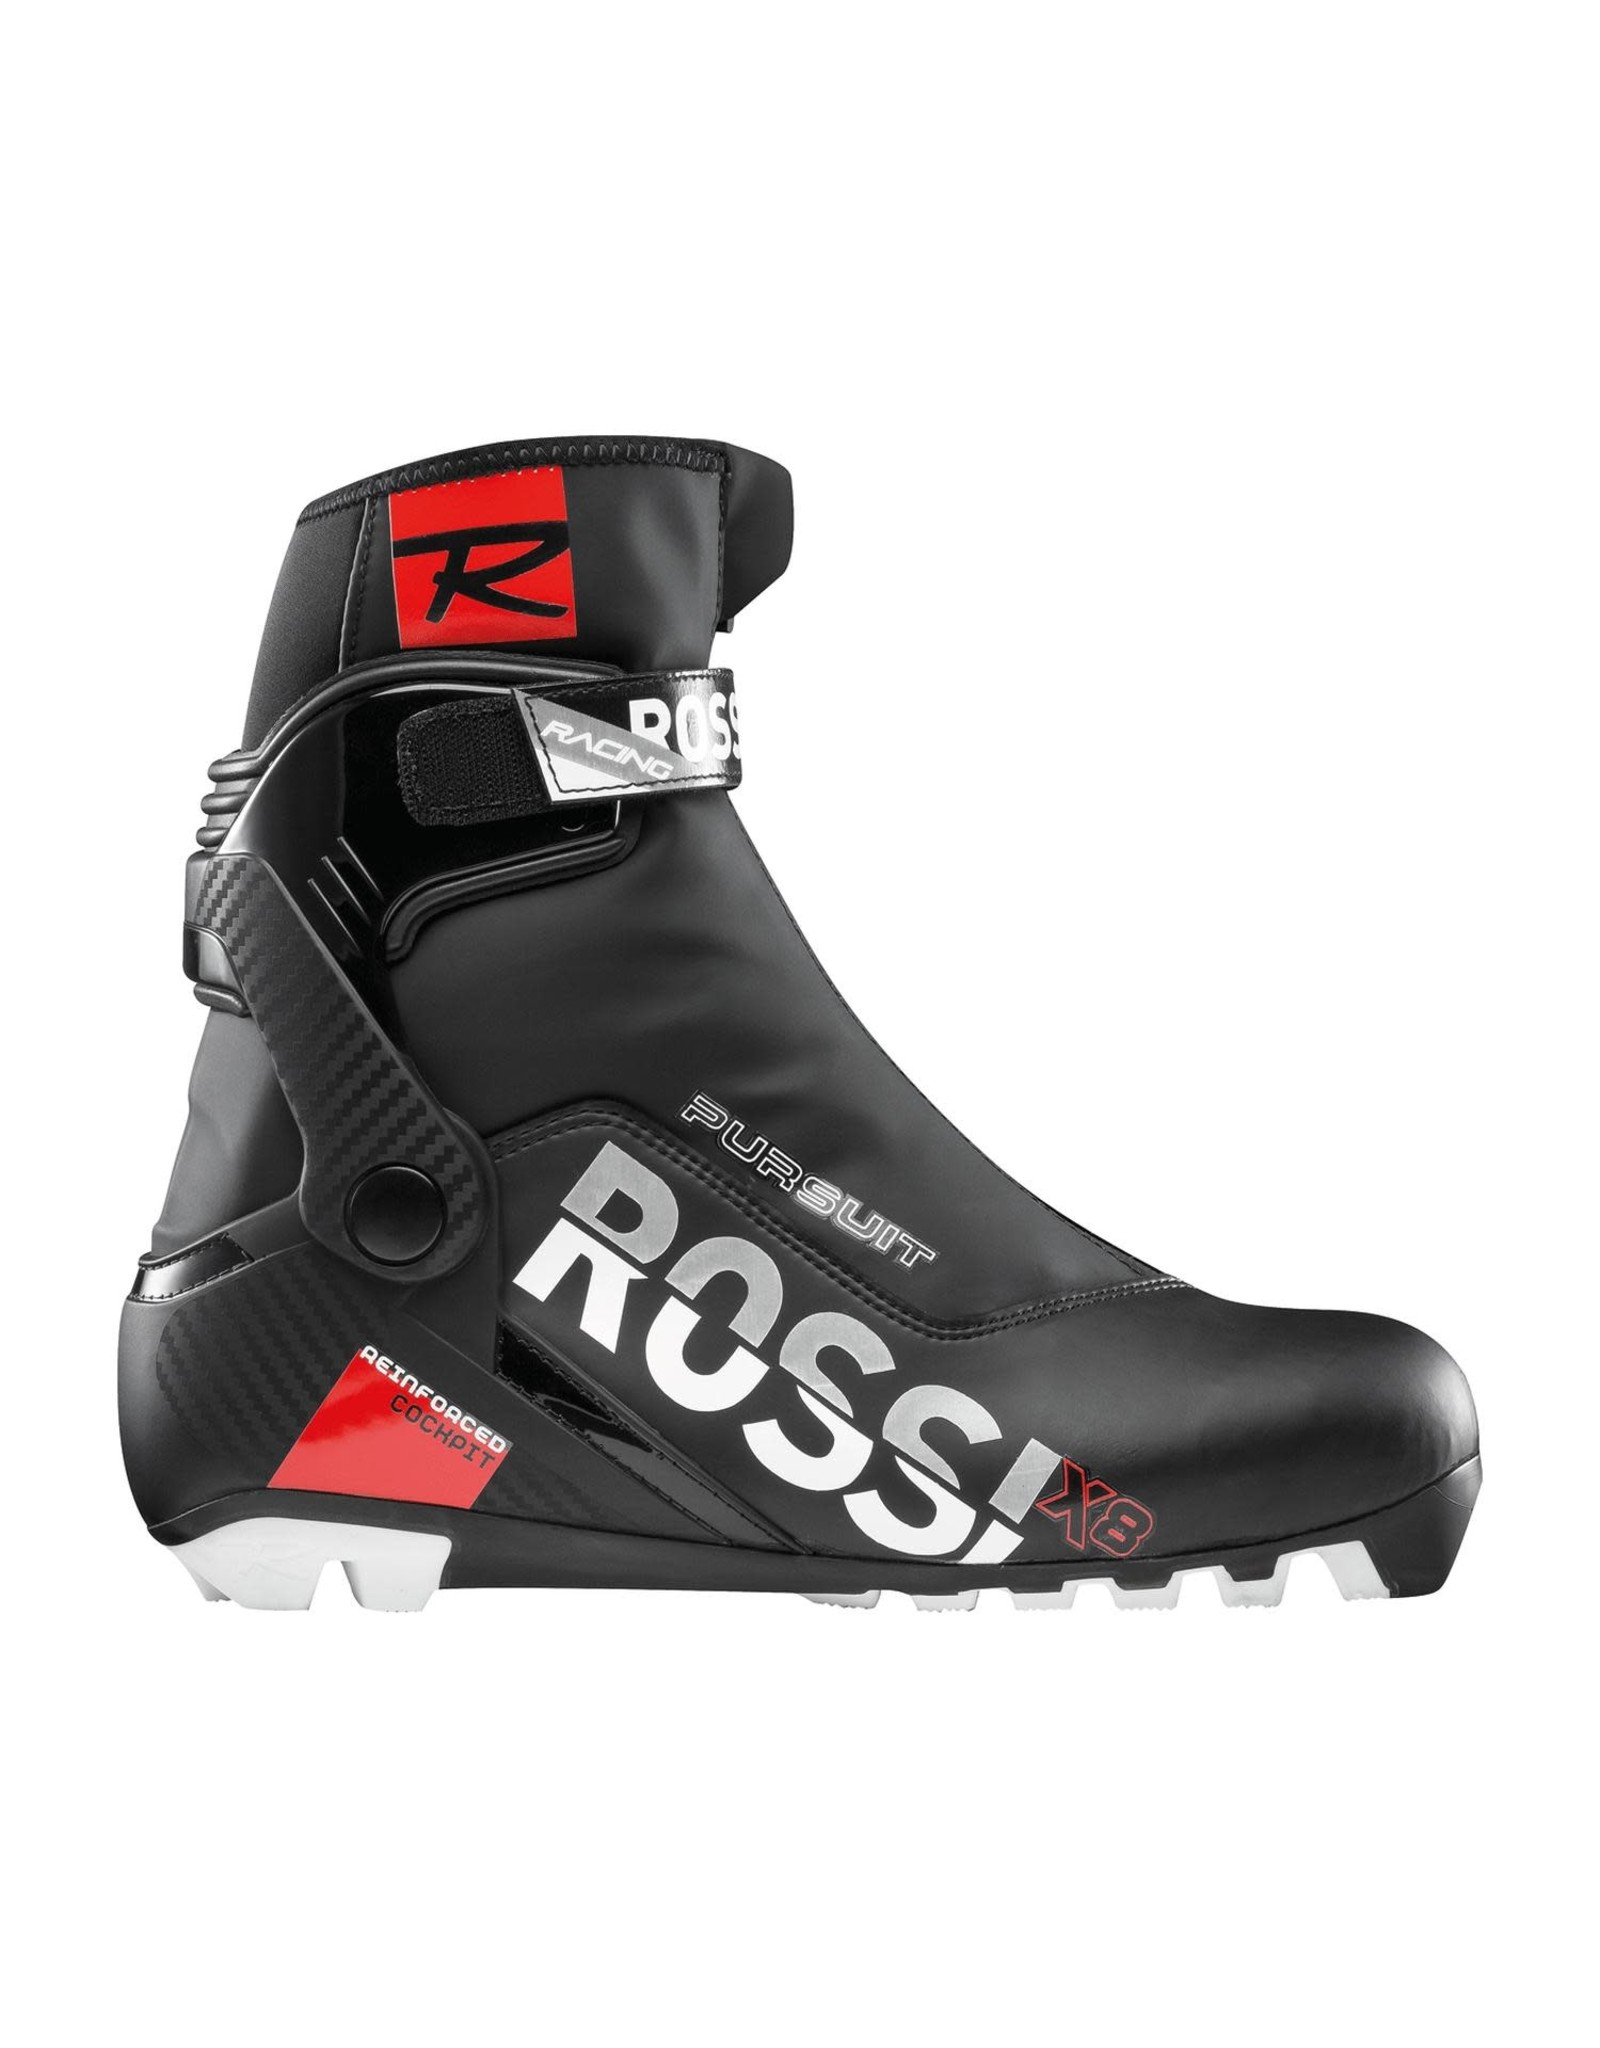 Rossignol Rossignol X-8 Pursuit Combi boot